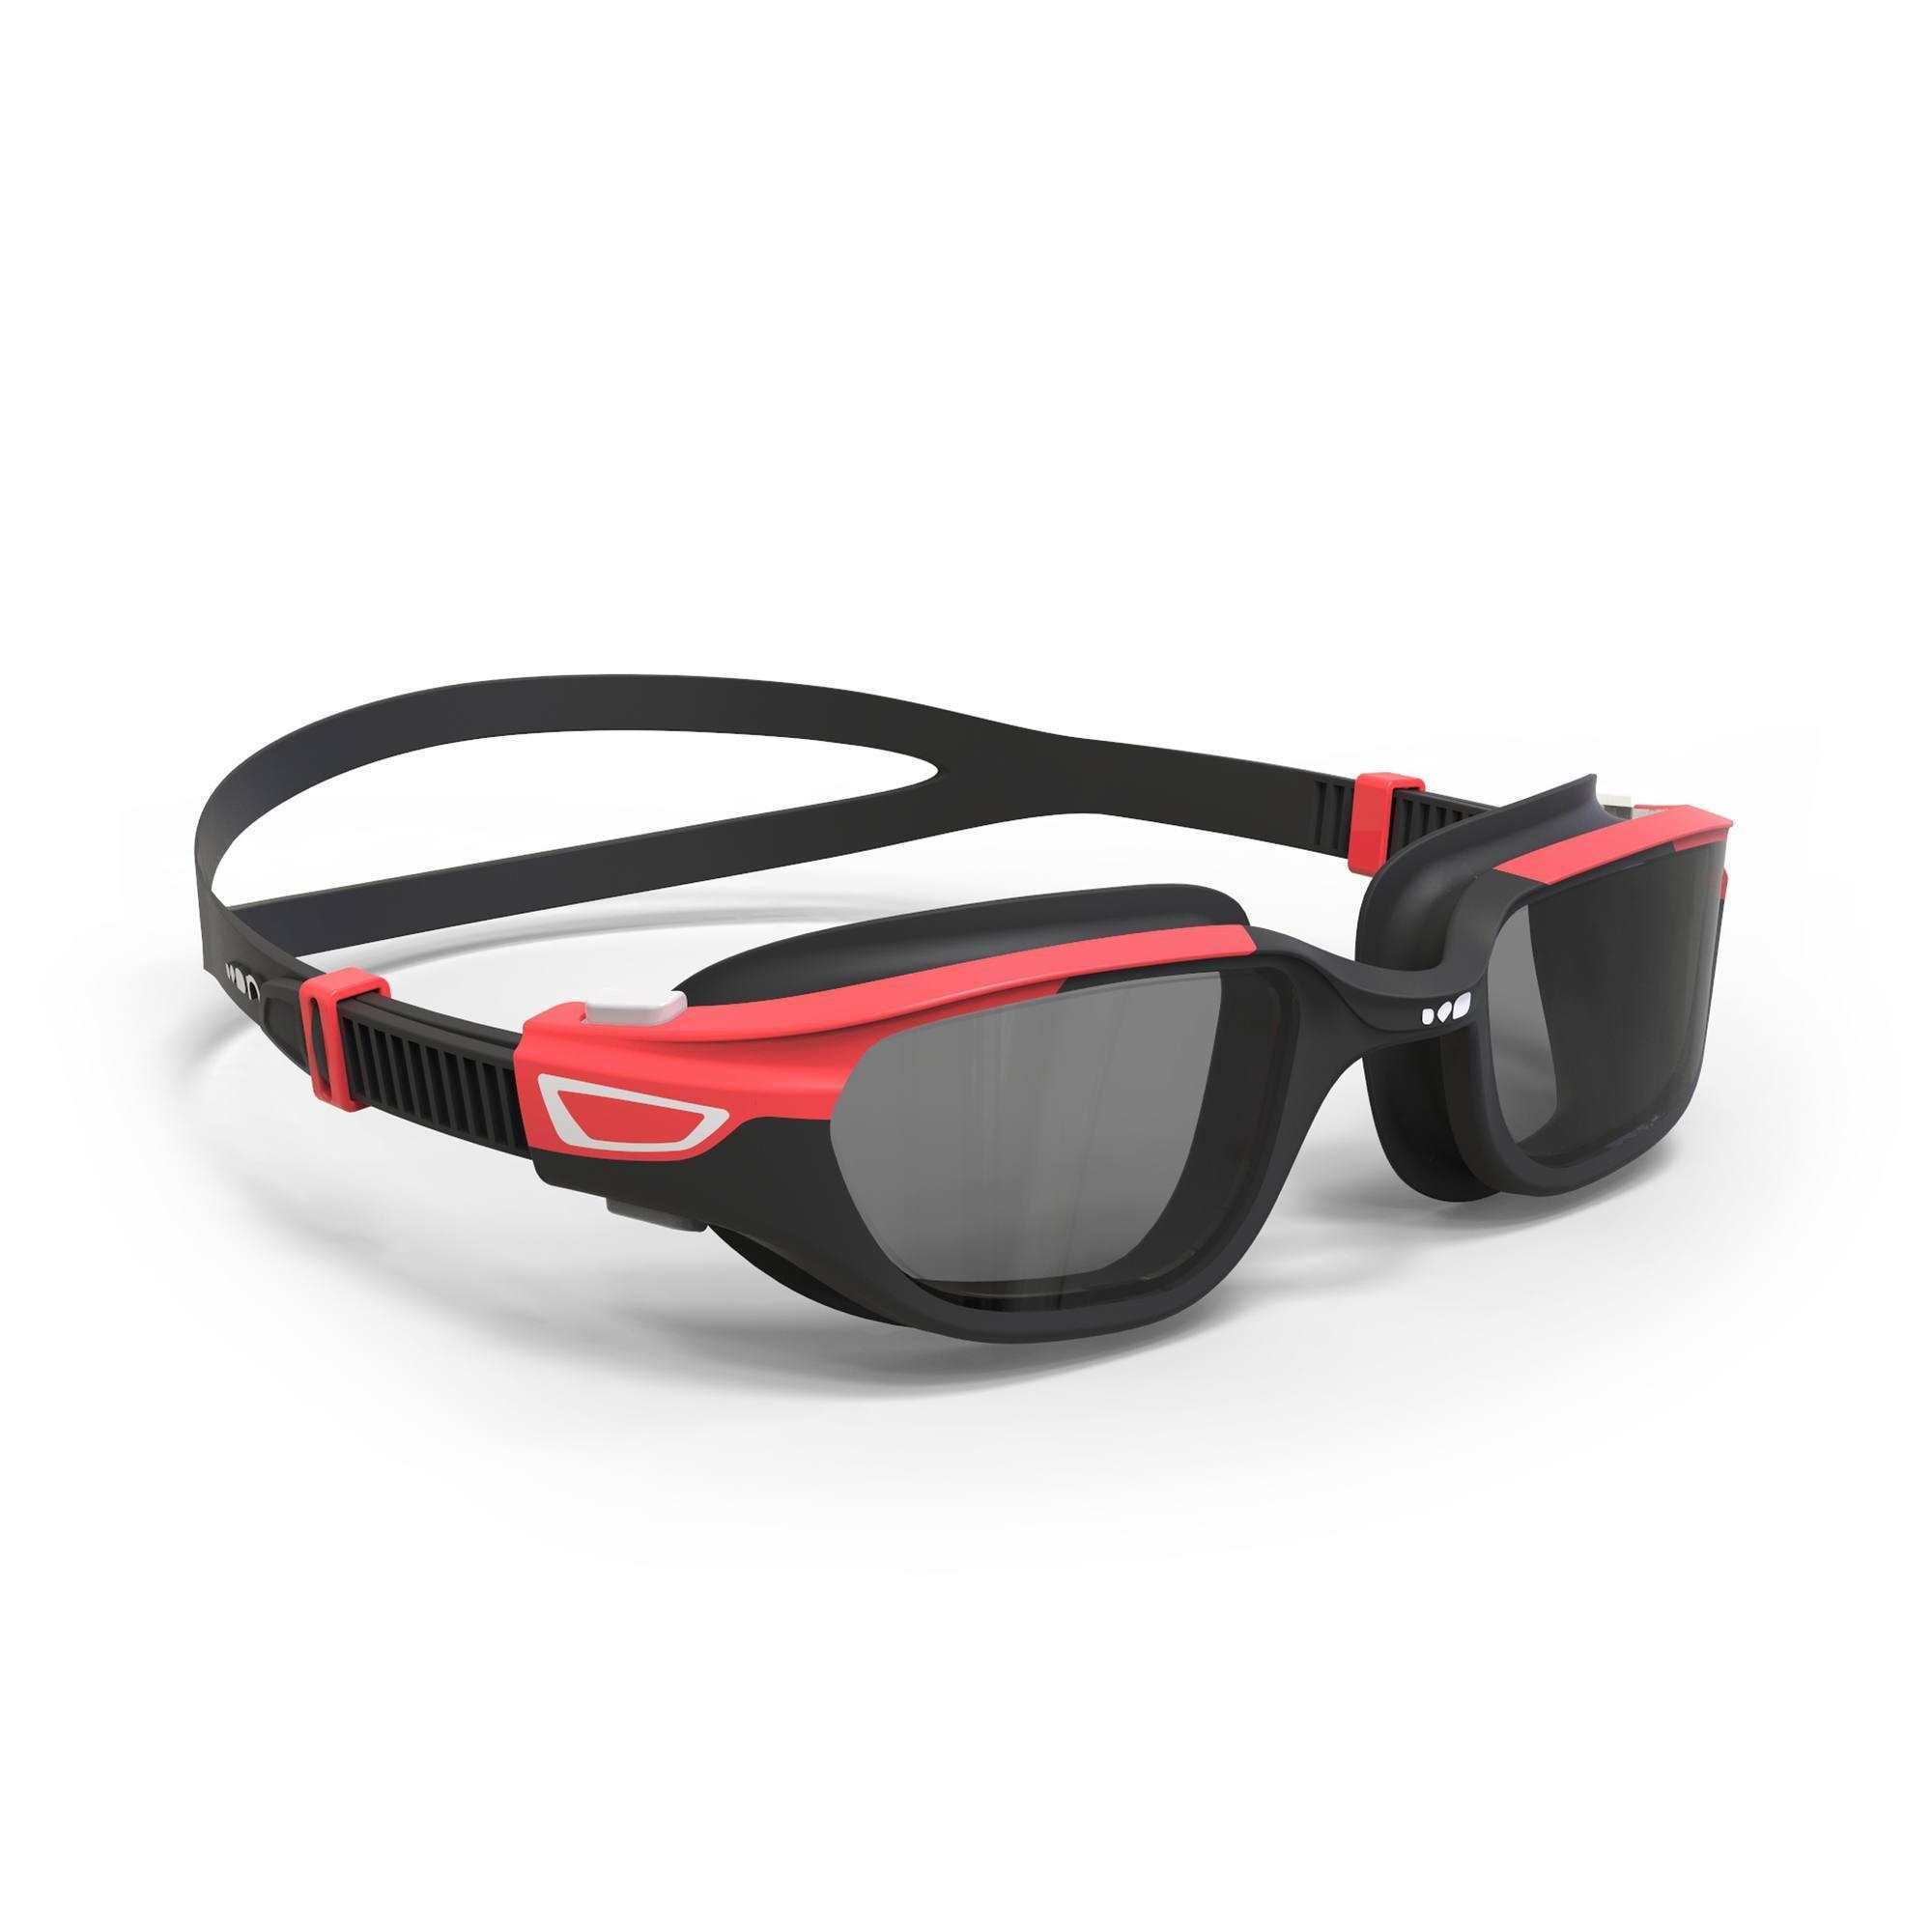 Lunettes de natation SPIRIT Taille L noir rouge